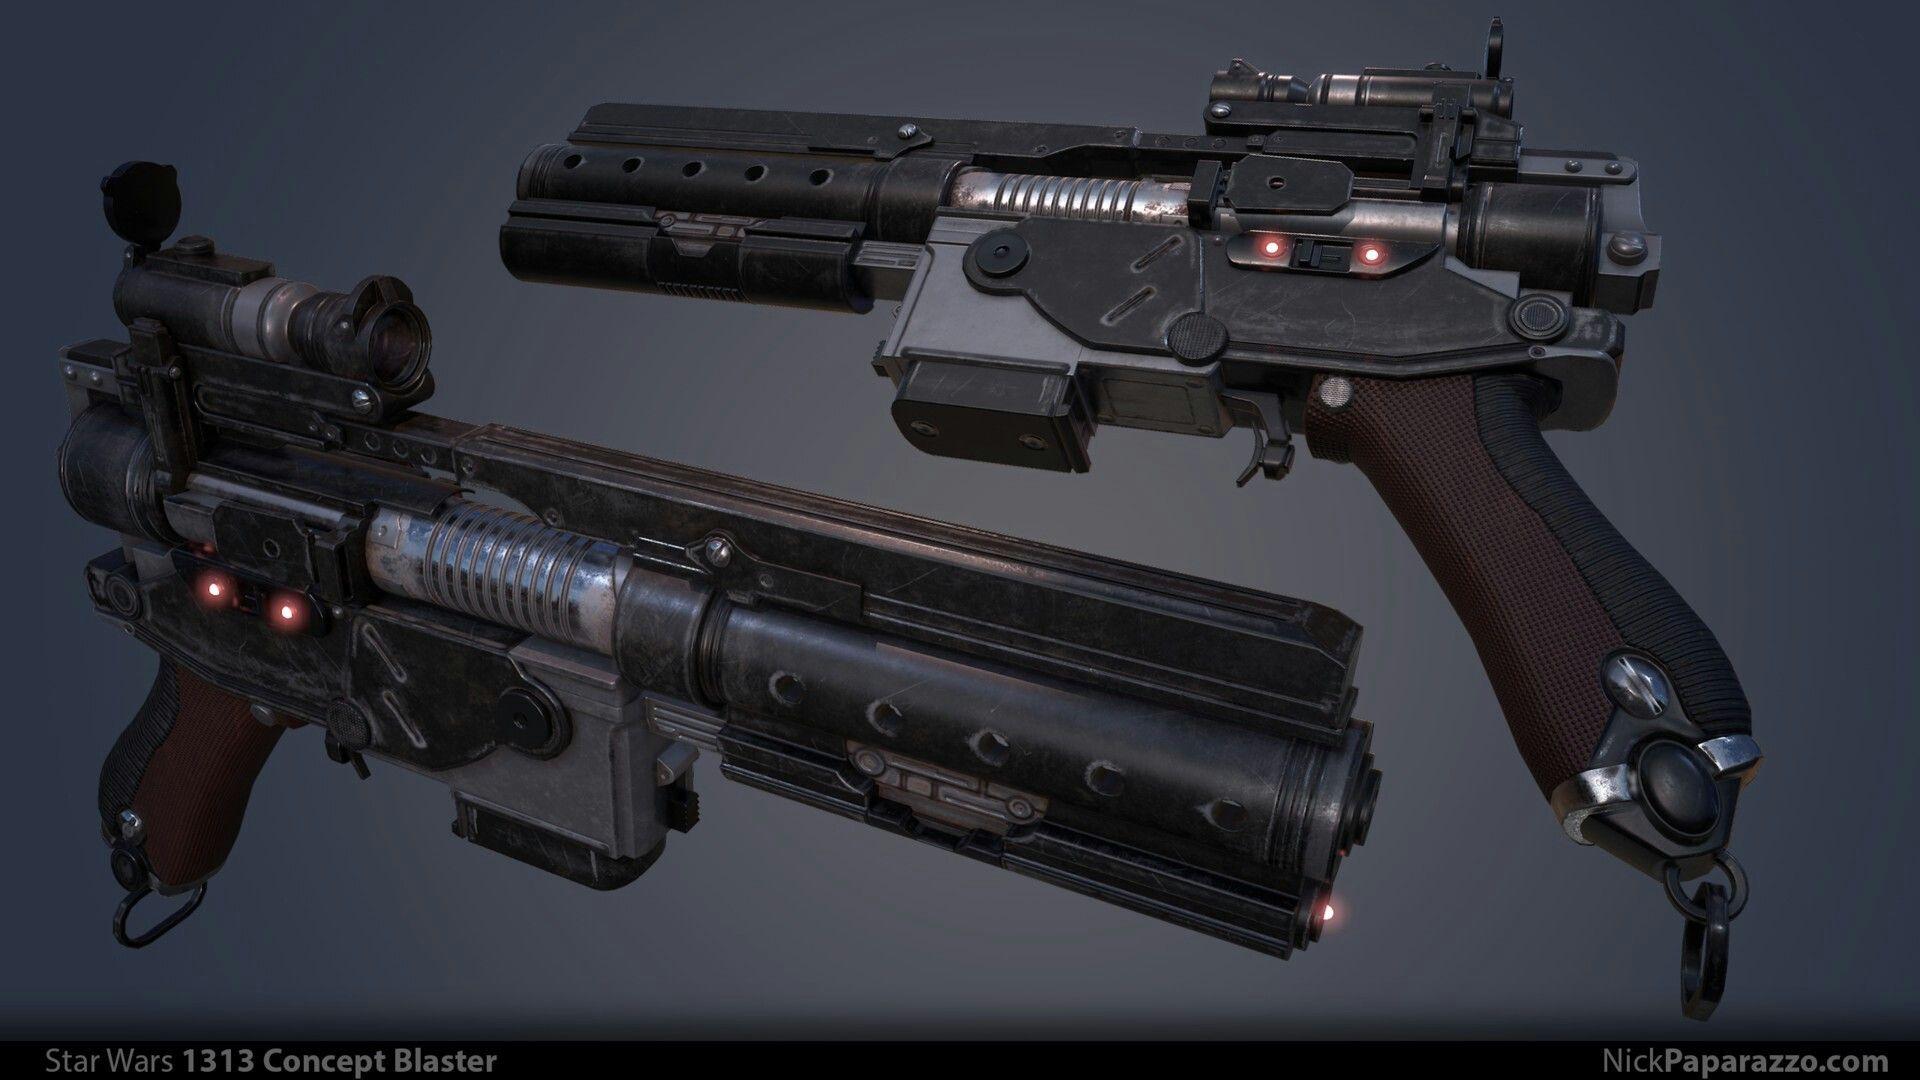 star wars 1313 blaster pistol concept cool stuff. Black Bedroom Furniture Sets. Home Design Ideas